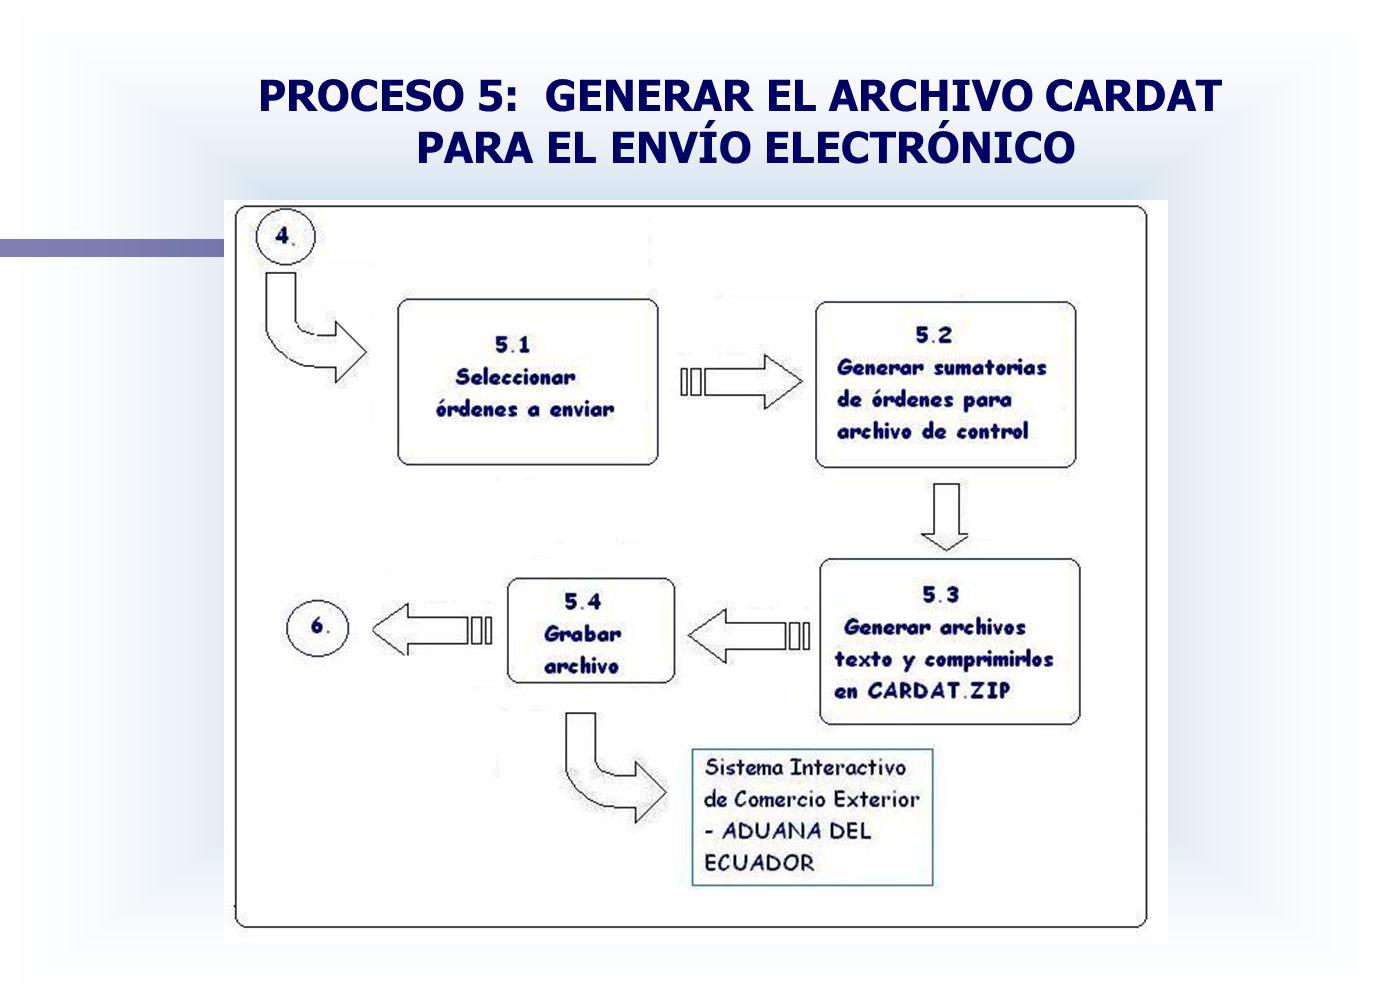 PROCESO 5: GENERAR EL ARCHIVO CARDAT PARA EL ENVÍO ELECTRÓNICO